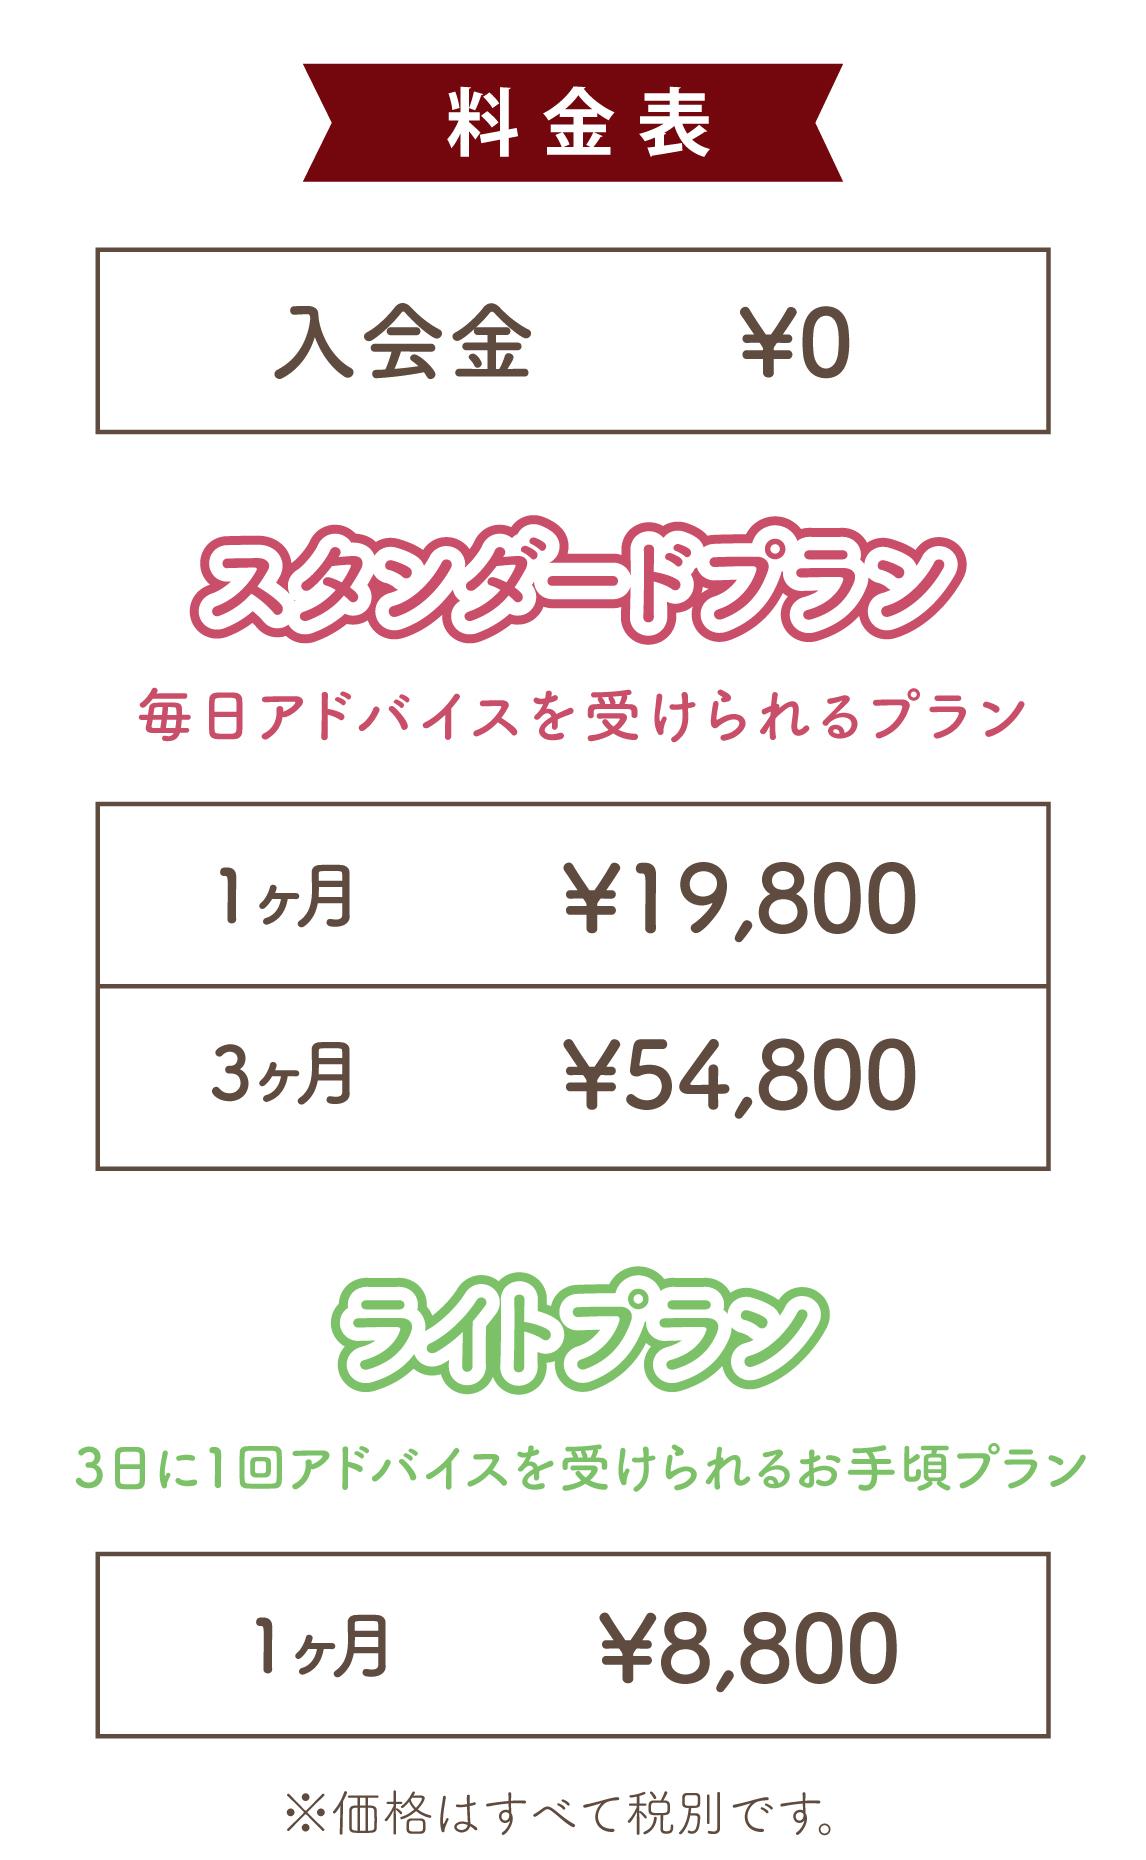 料金表 オープンキャンペーン実施中!!2019年3月31日までに入会した方限定!入会金10,000円、月額29,800円、3ヶ月パック86,000円、6ヶ月パック166,500円